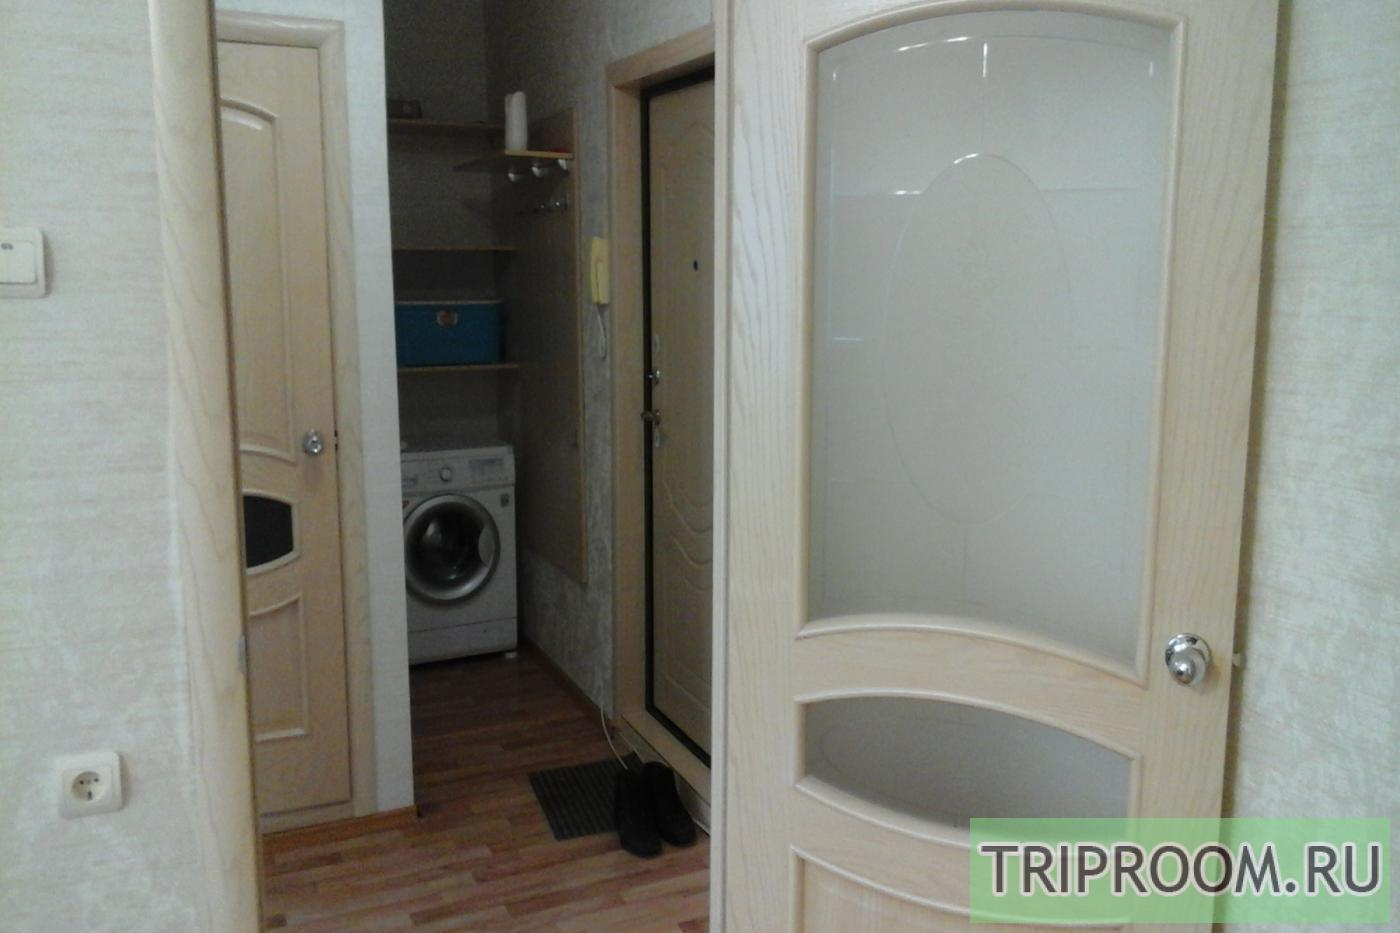 1-комнатная квартира посуточно (вариант № 16876), ул. Ульяновский проспект, фото № 6